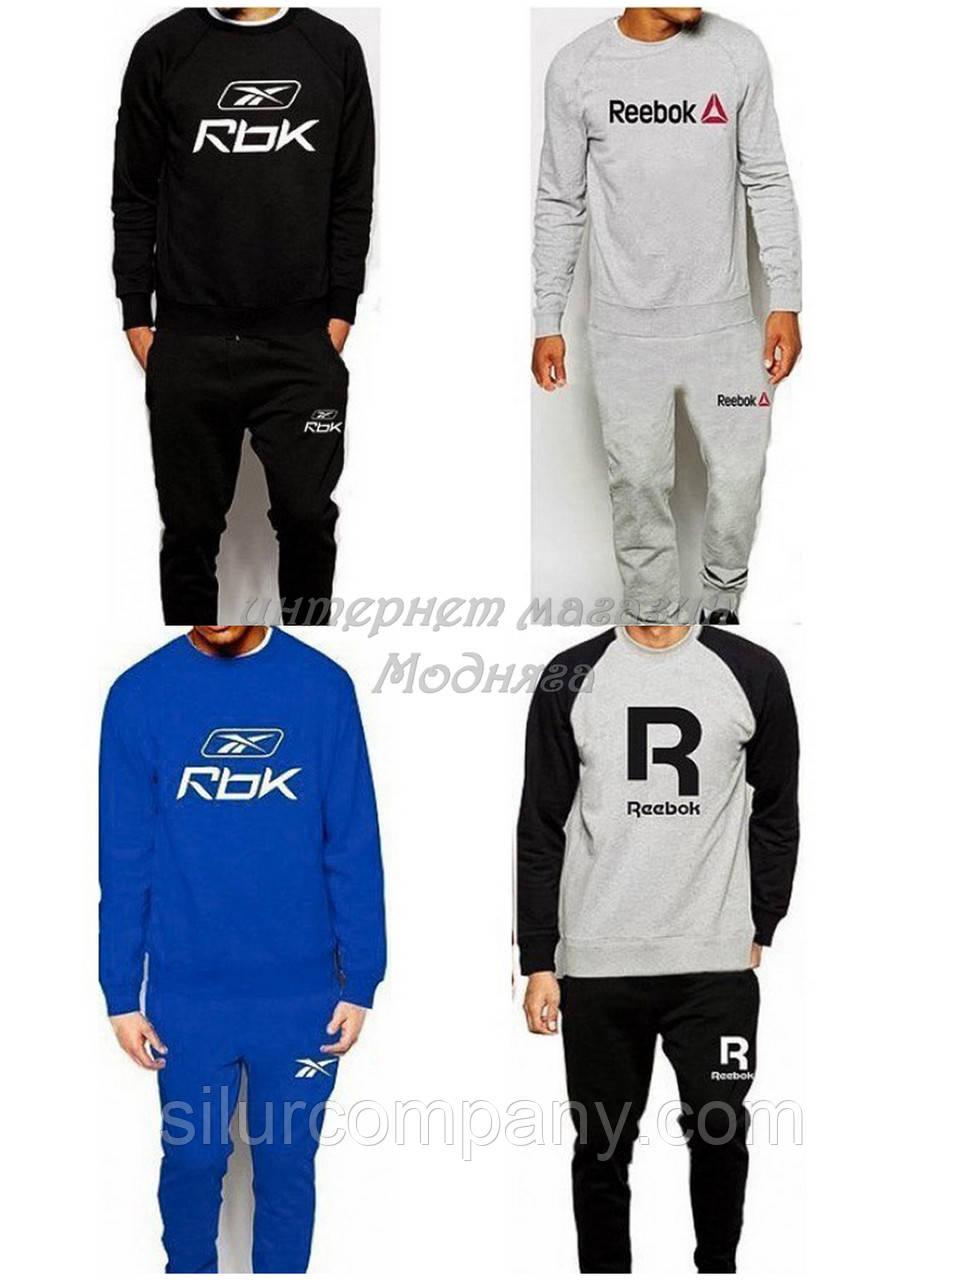 943a05ca Спортивные костюмы Reebok с вышивкой - Интернет магазин